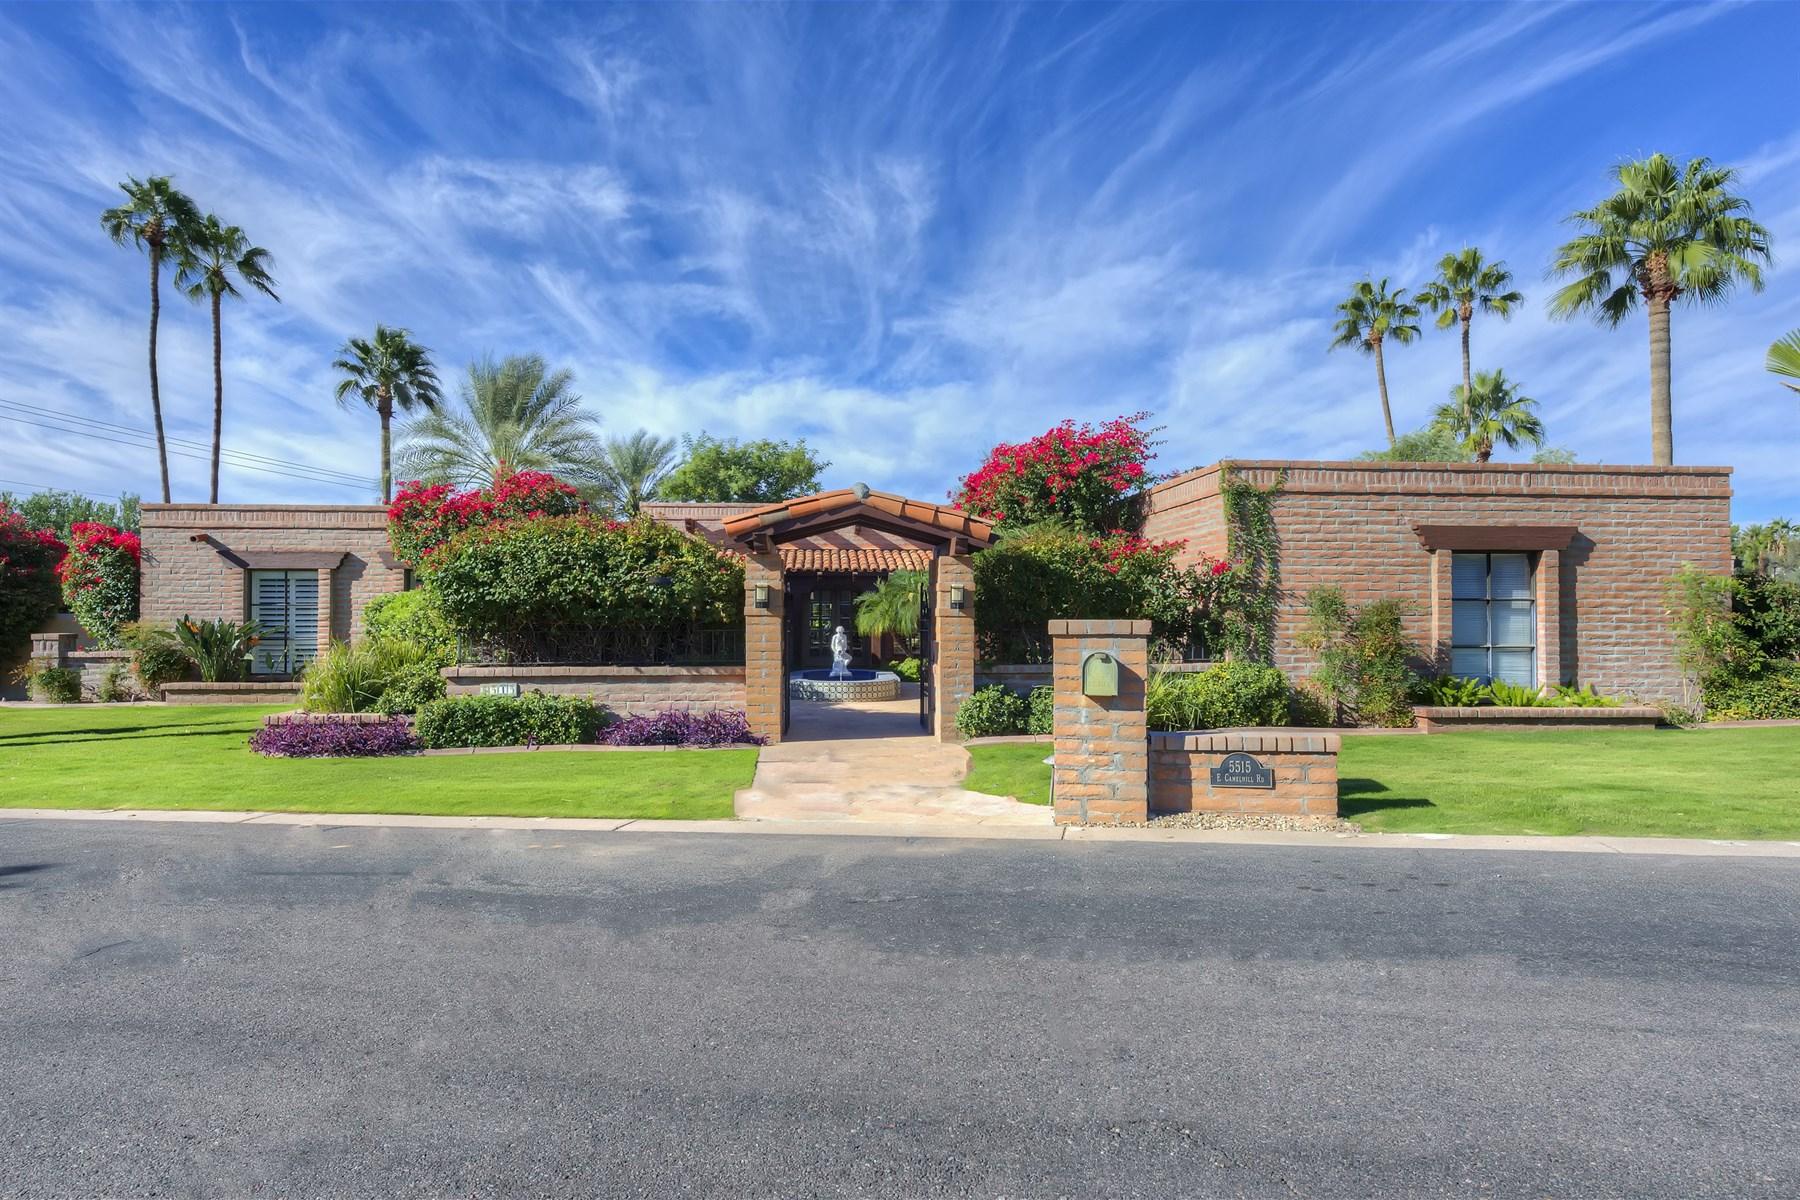 一戸建て のために 売買 アット Super Charming Family Home With Unobstructed Camelback Mountain Views 5515 E Camelhill Rd Phoenix, アリゾナ 85018 アメリカ合衆国